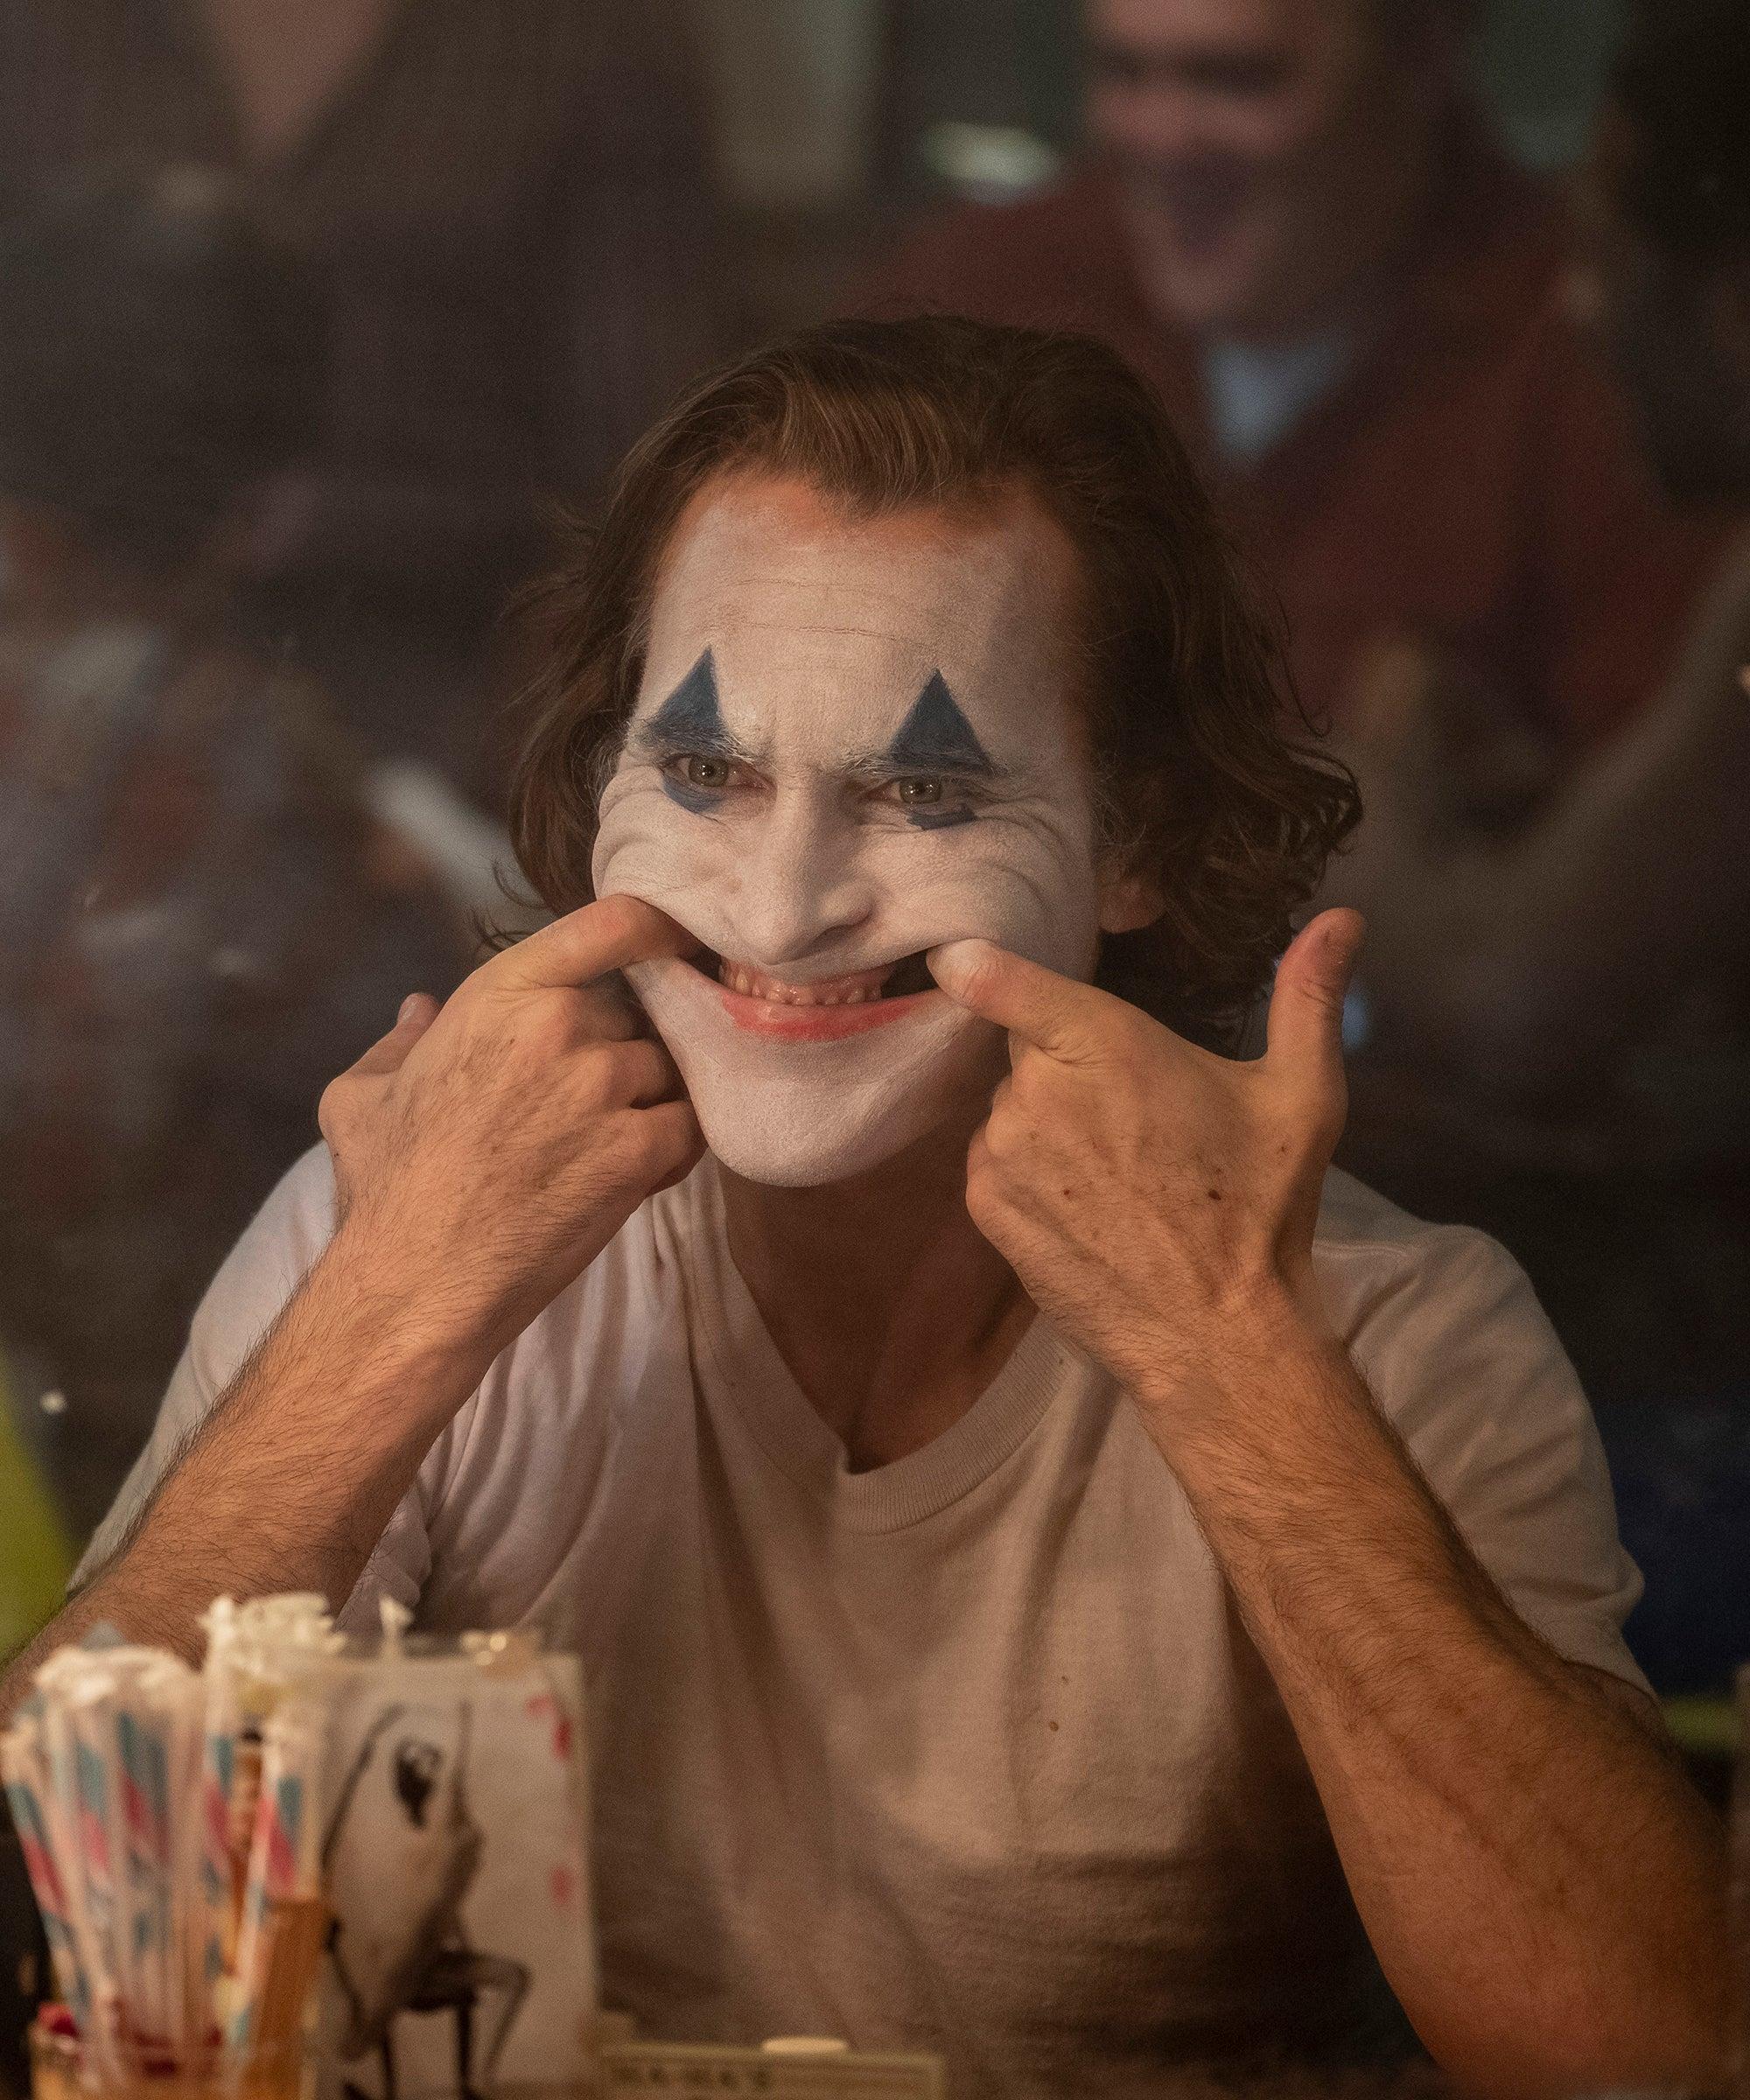 TIFF 2019 Joker Is A Dangerous Film,